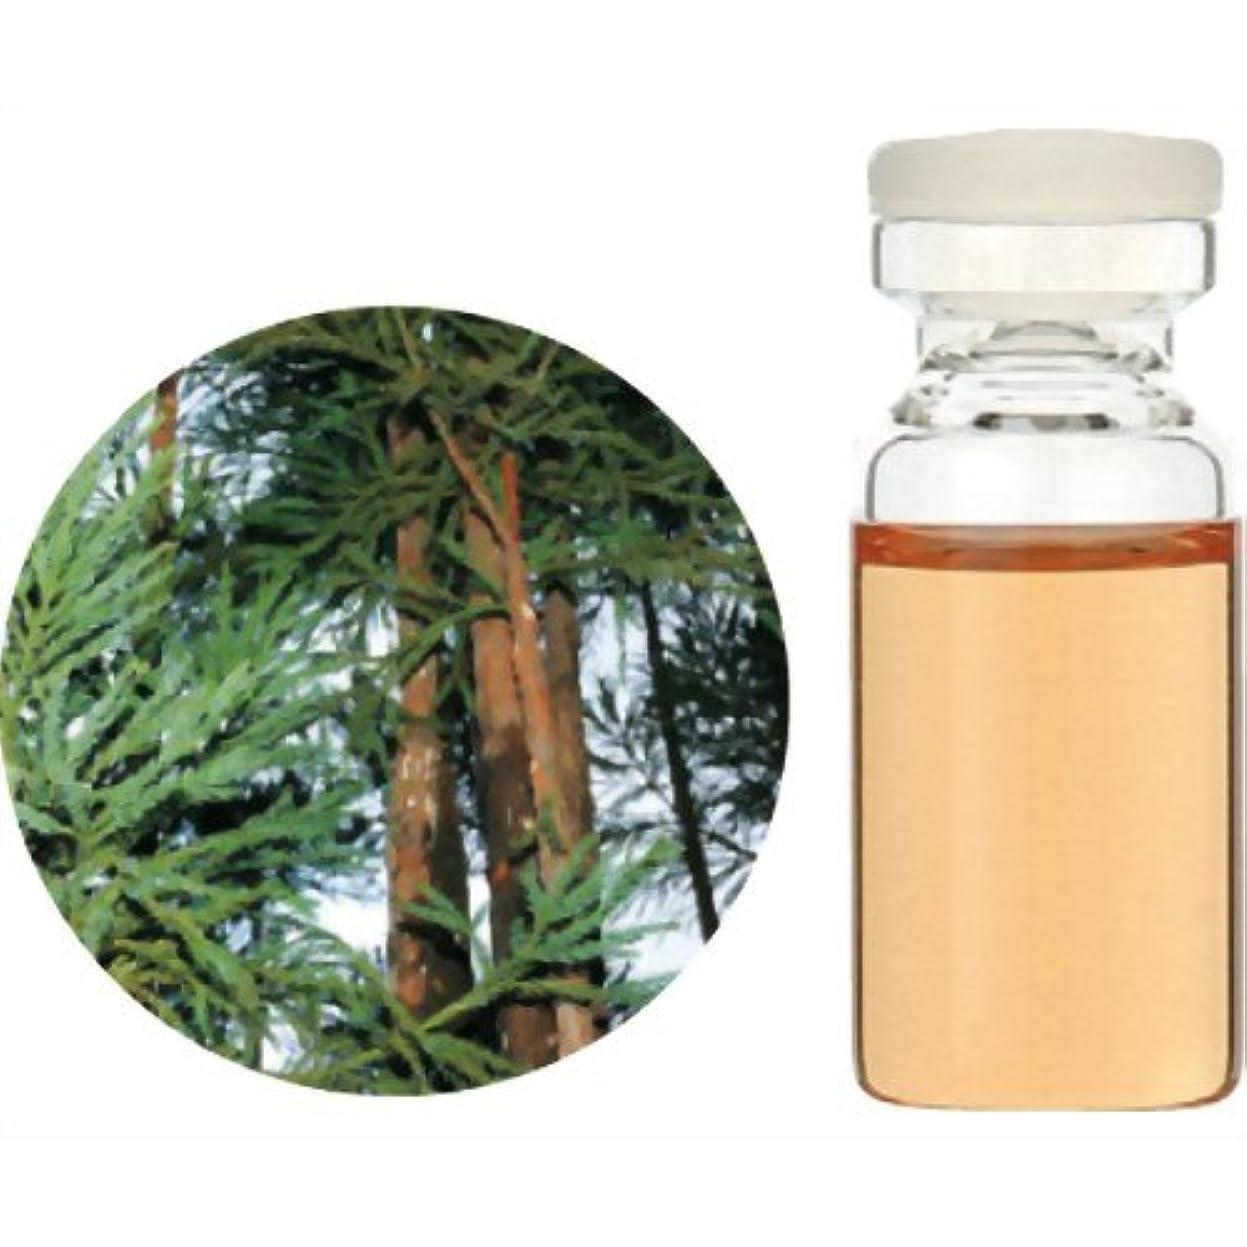 赤許可するバズ生活の木 Herbal Life 和精油 杉(木部) 3ml